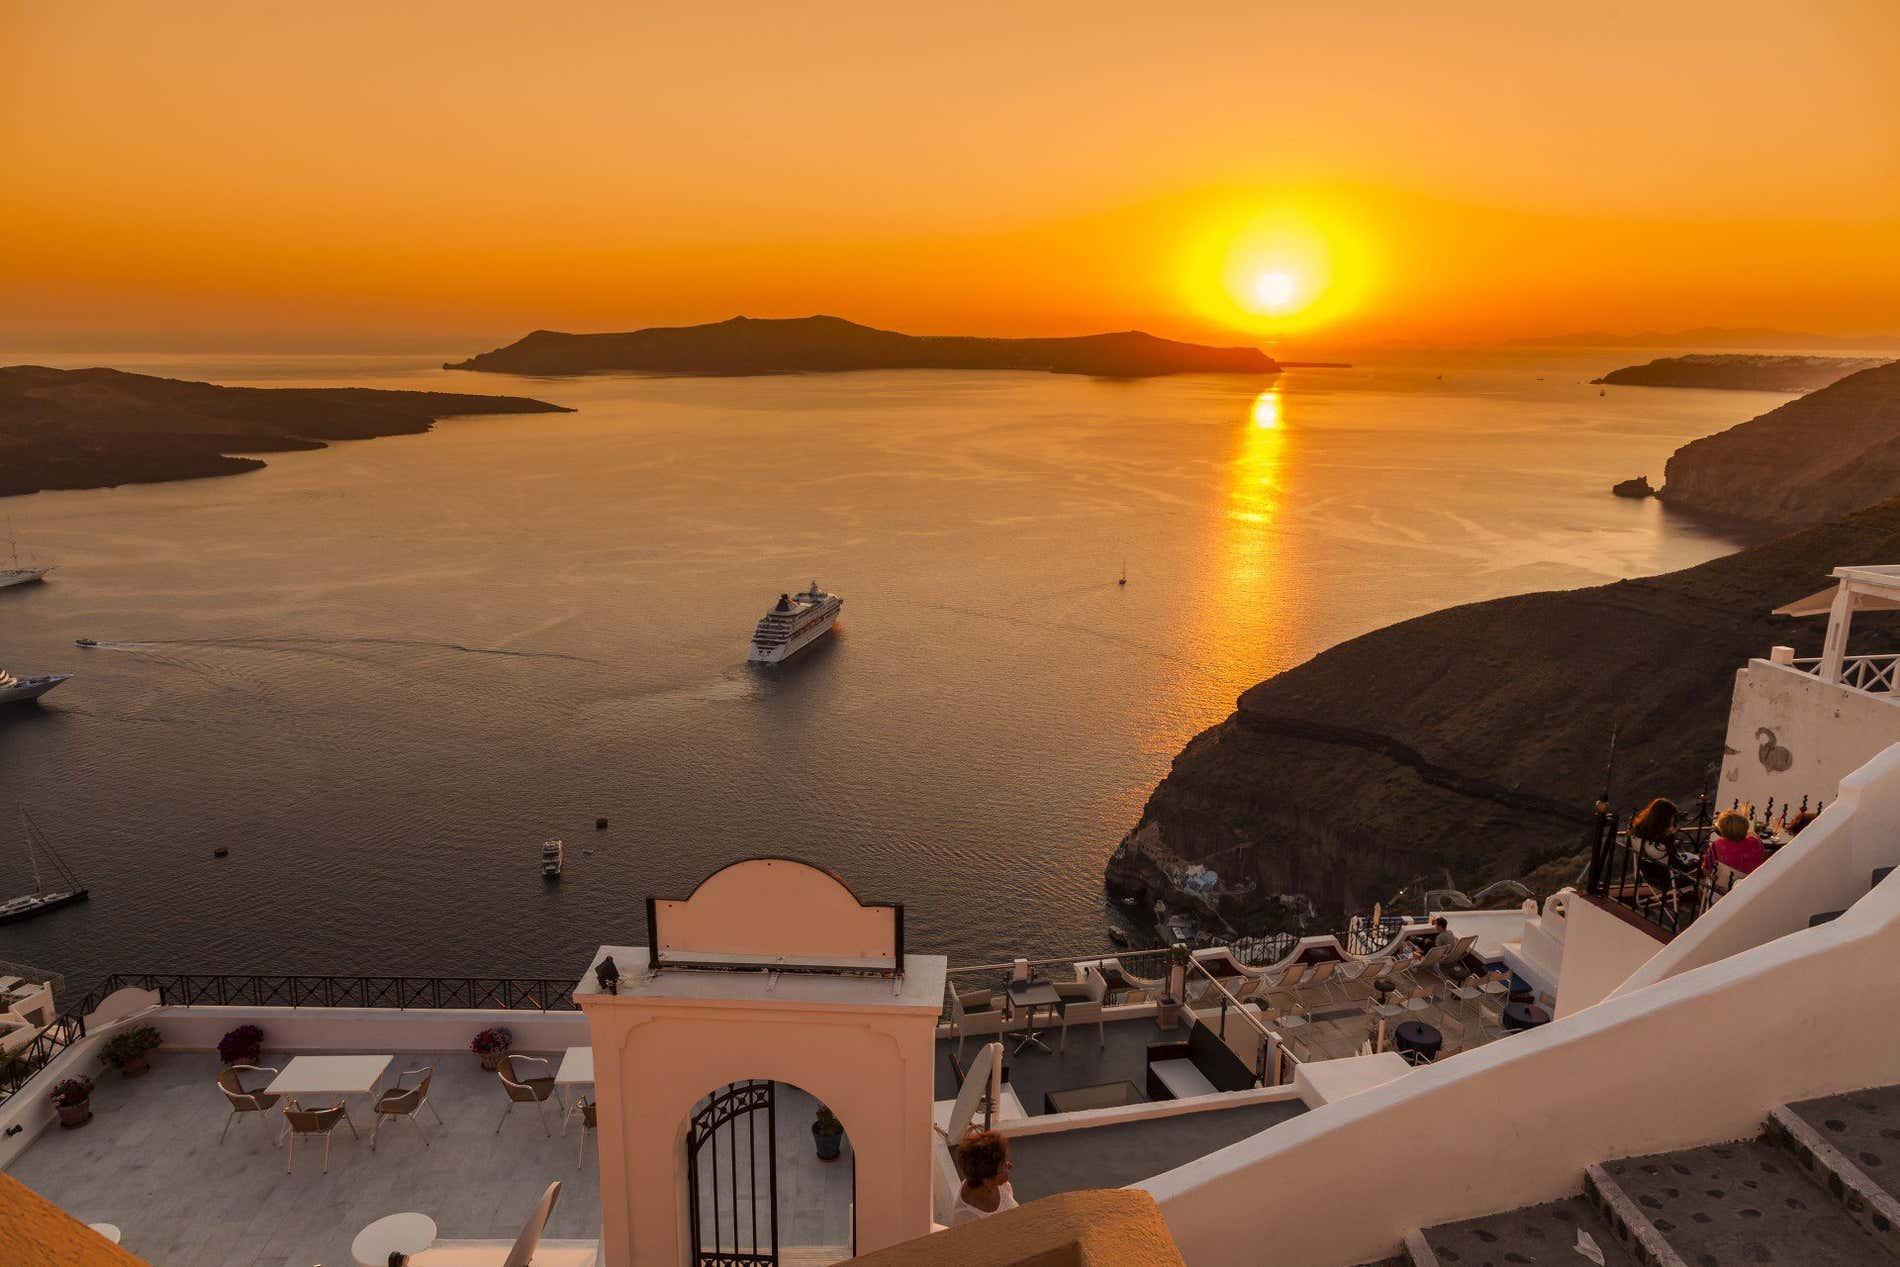 Les 10 meilleures destinations où voyager en septembre